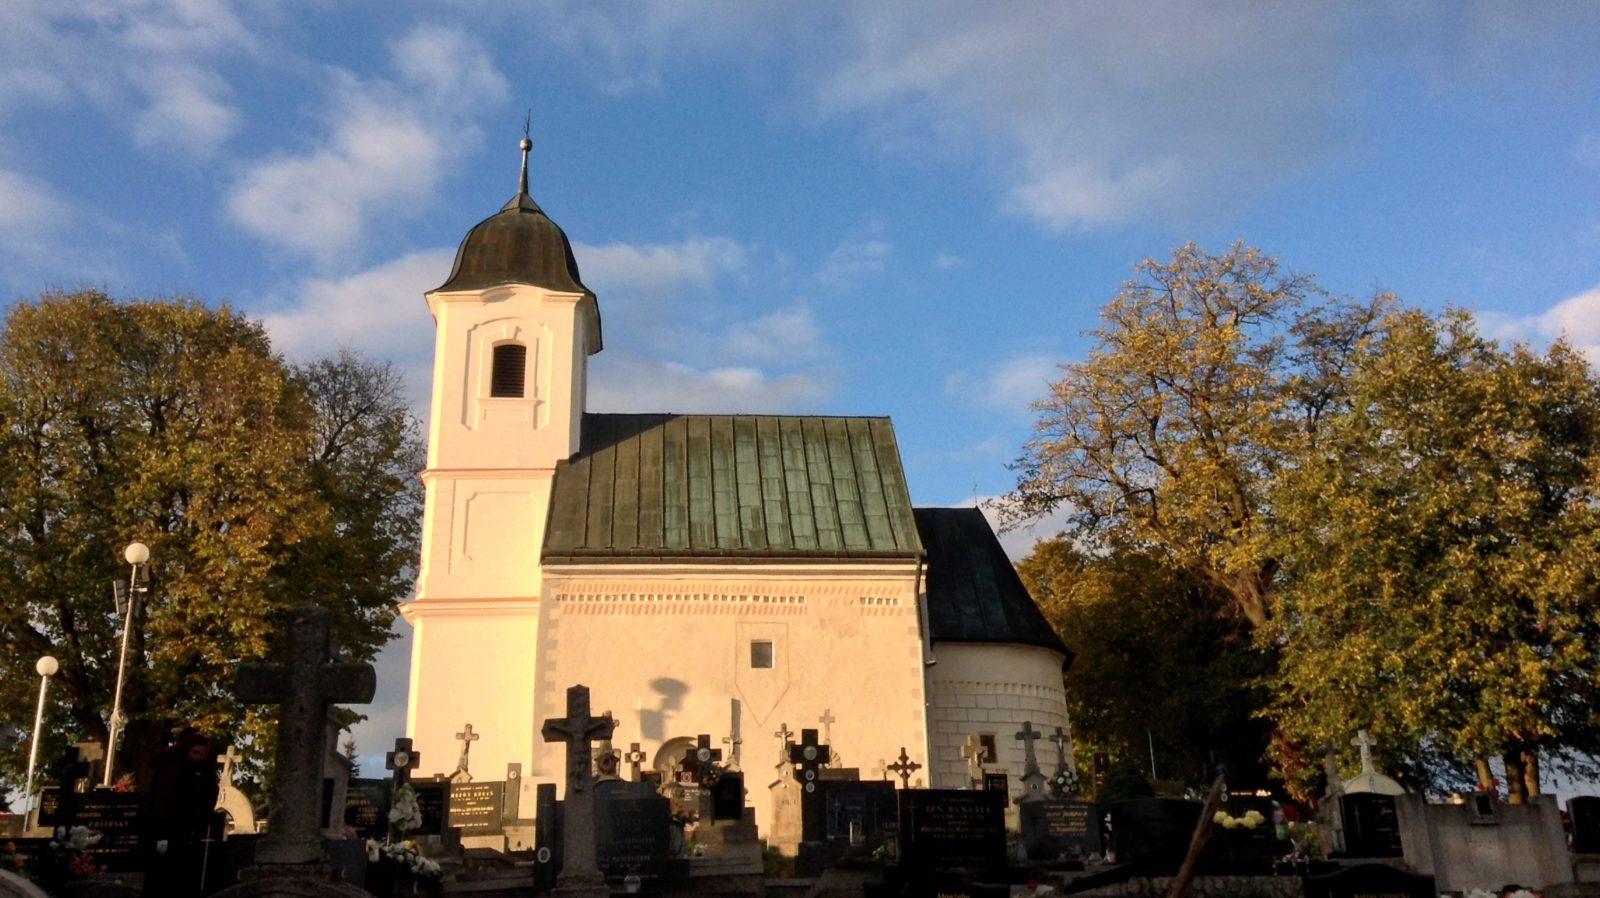 Photo of Kostol Všetkých svätých sprístupnený verejnosti